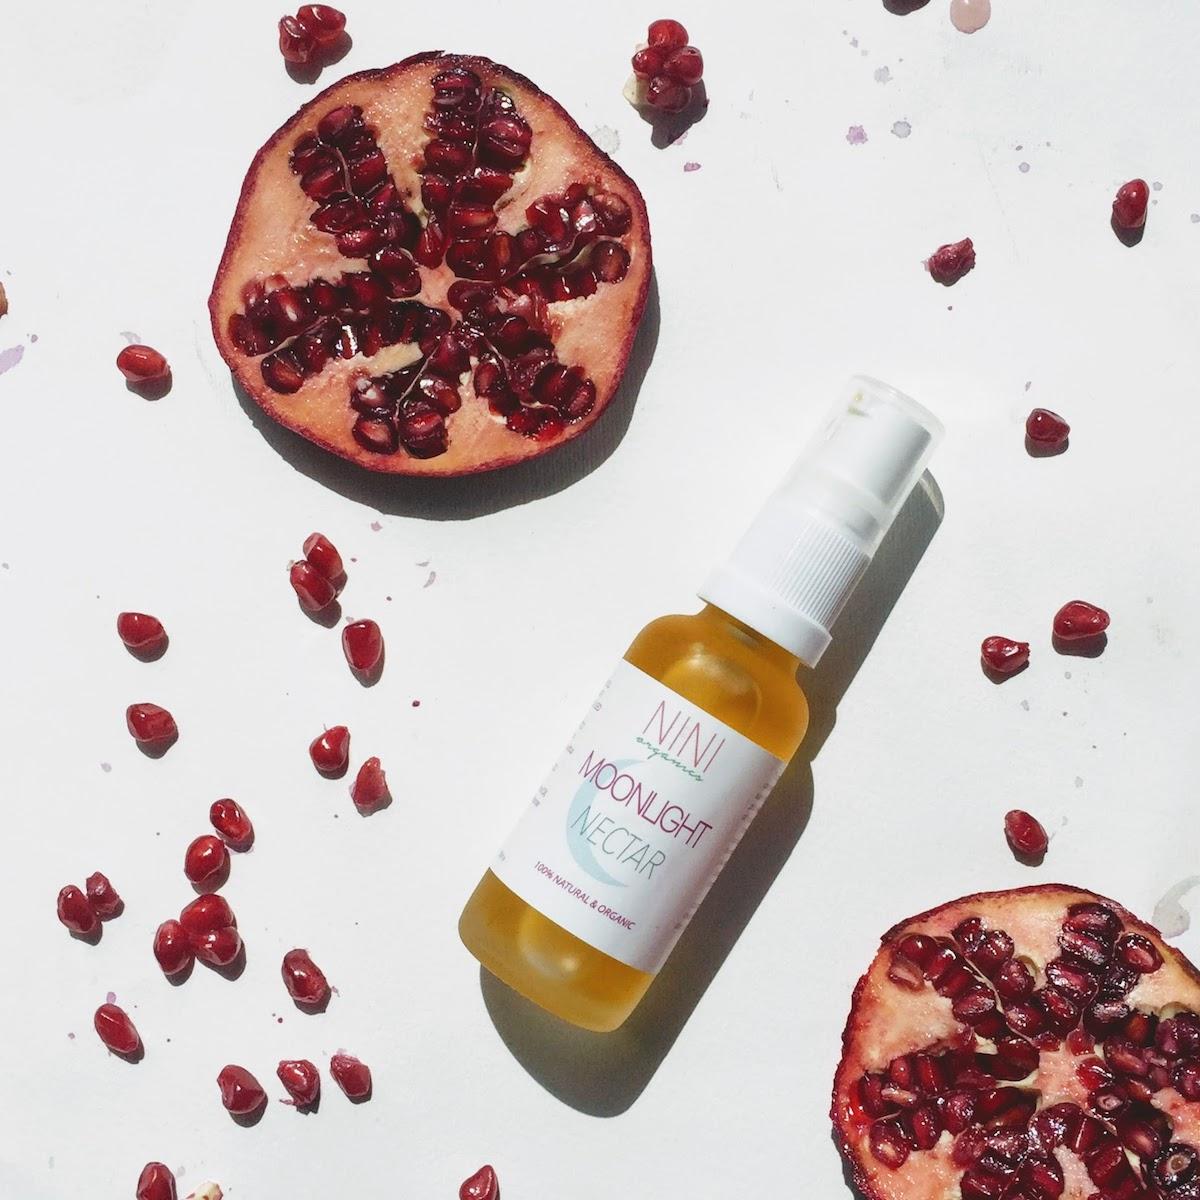 Nini Organics Moonlight Nectar review